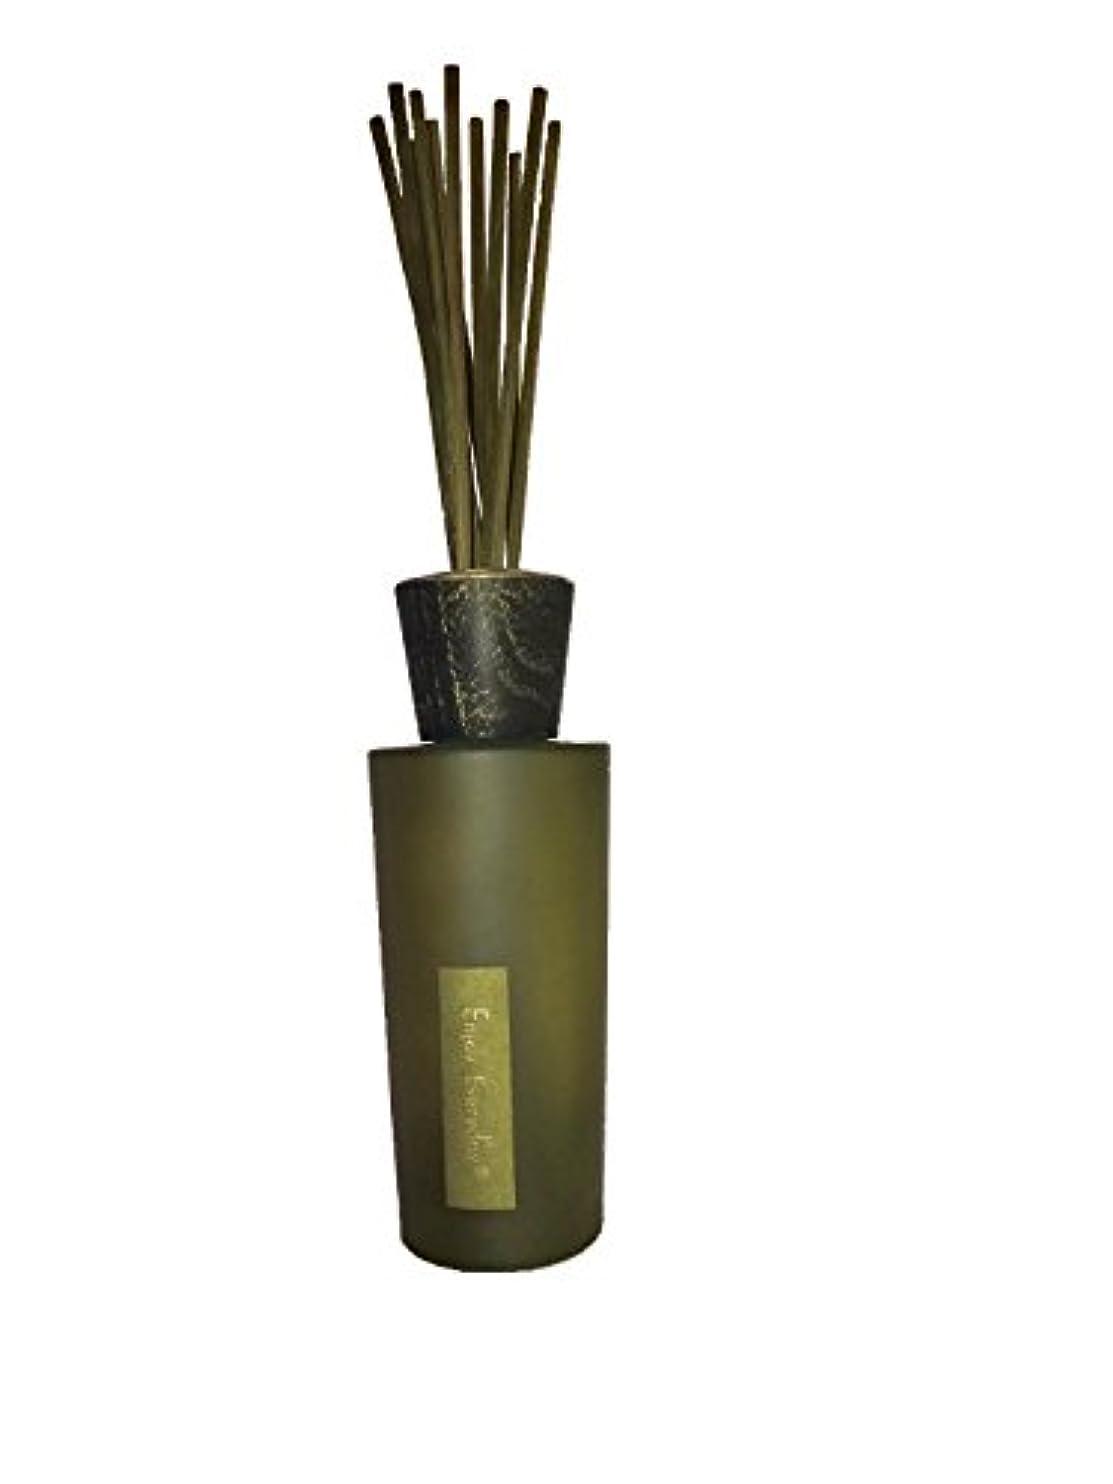 分離ネコサポート40%OFF!【Branch of Aroma】100%天然アロマスティックディフューザー-9種の香り- (200ml) (Hotジンジャー)